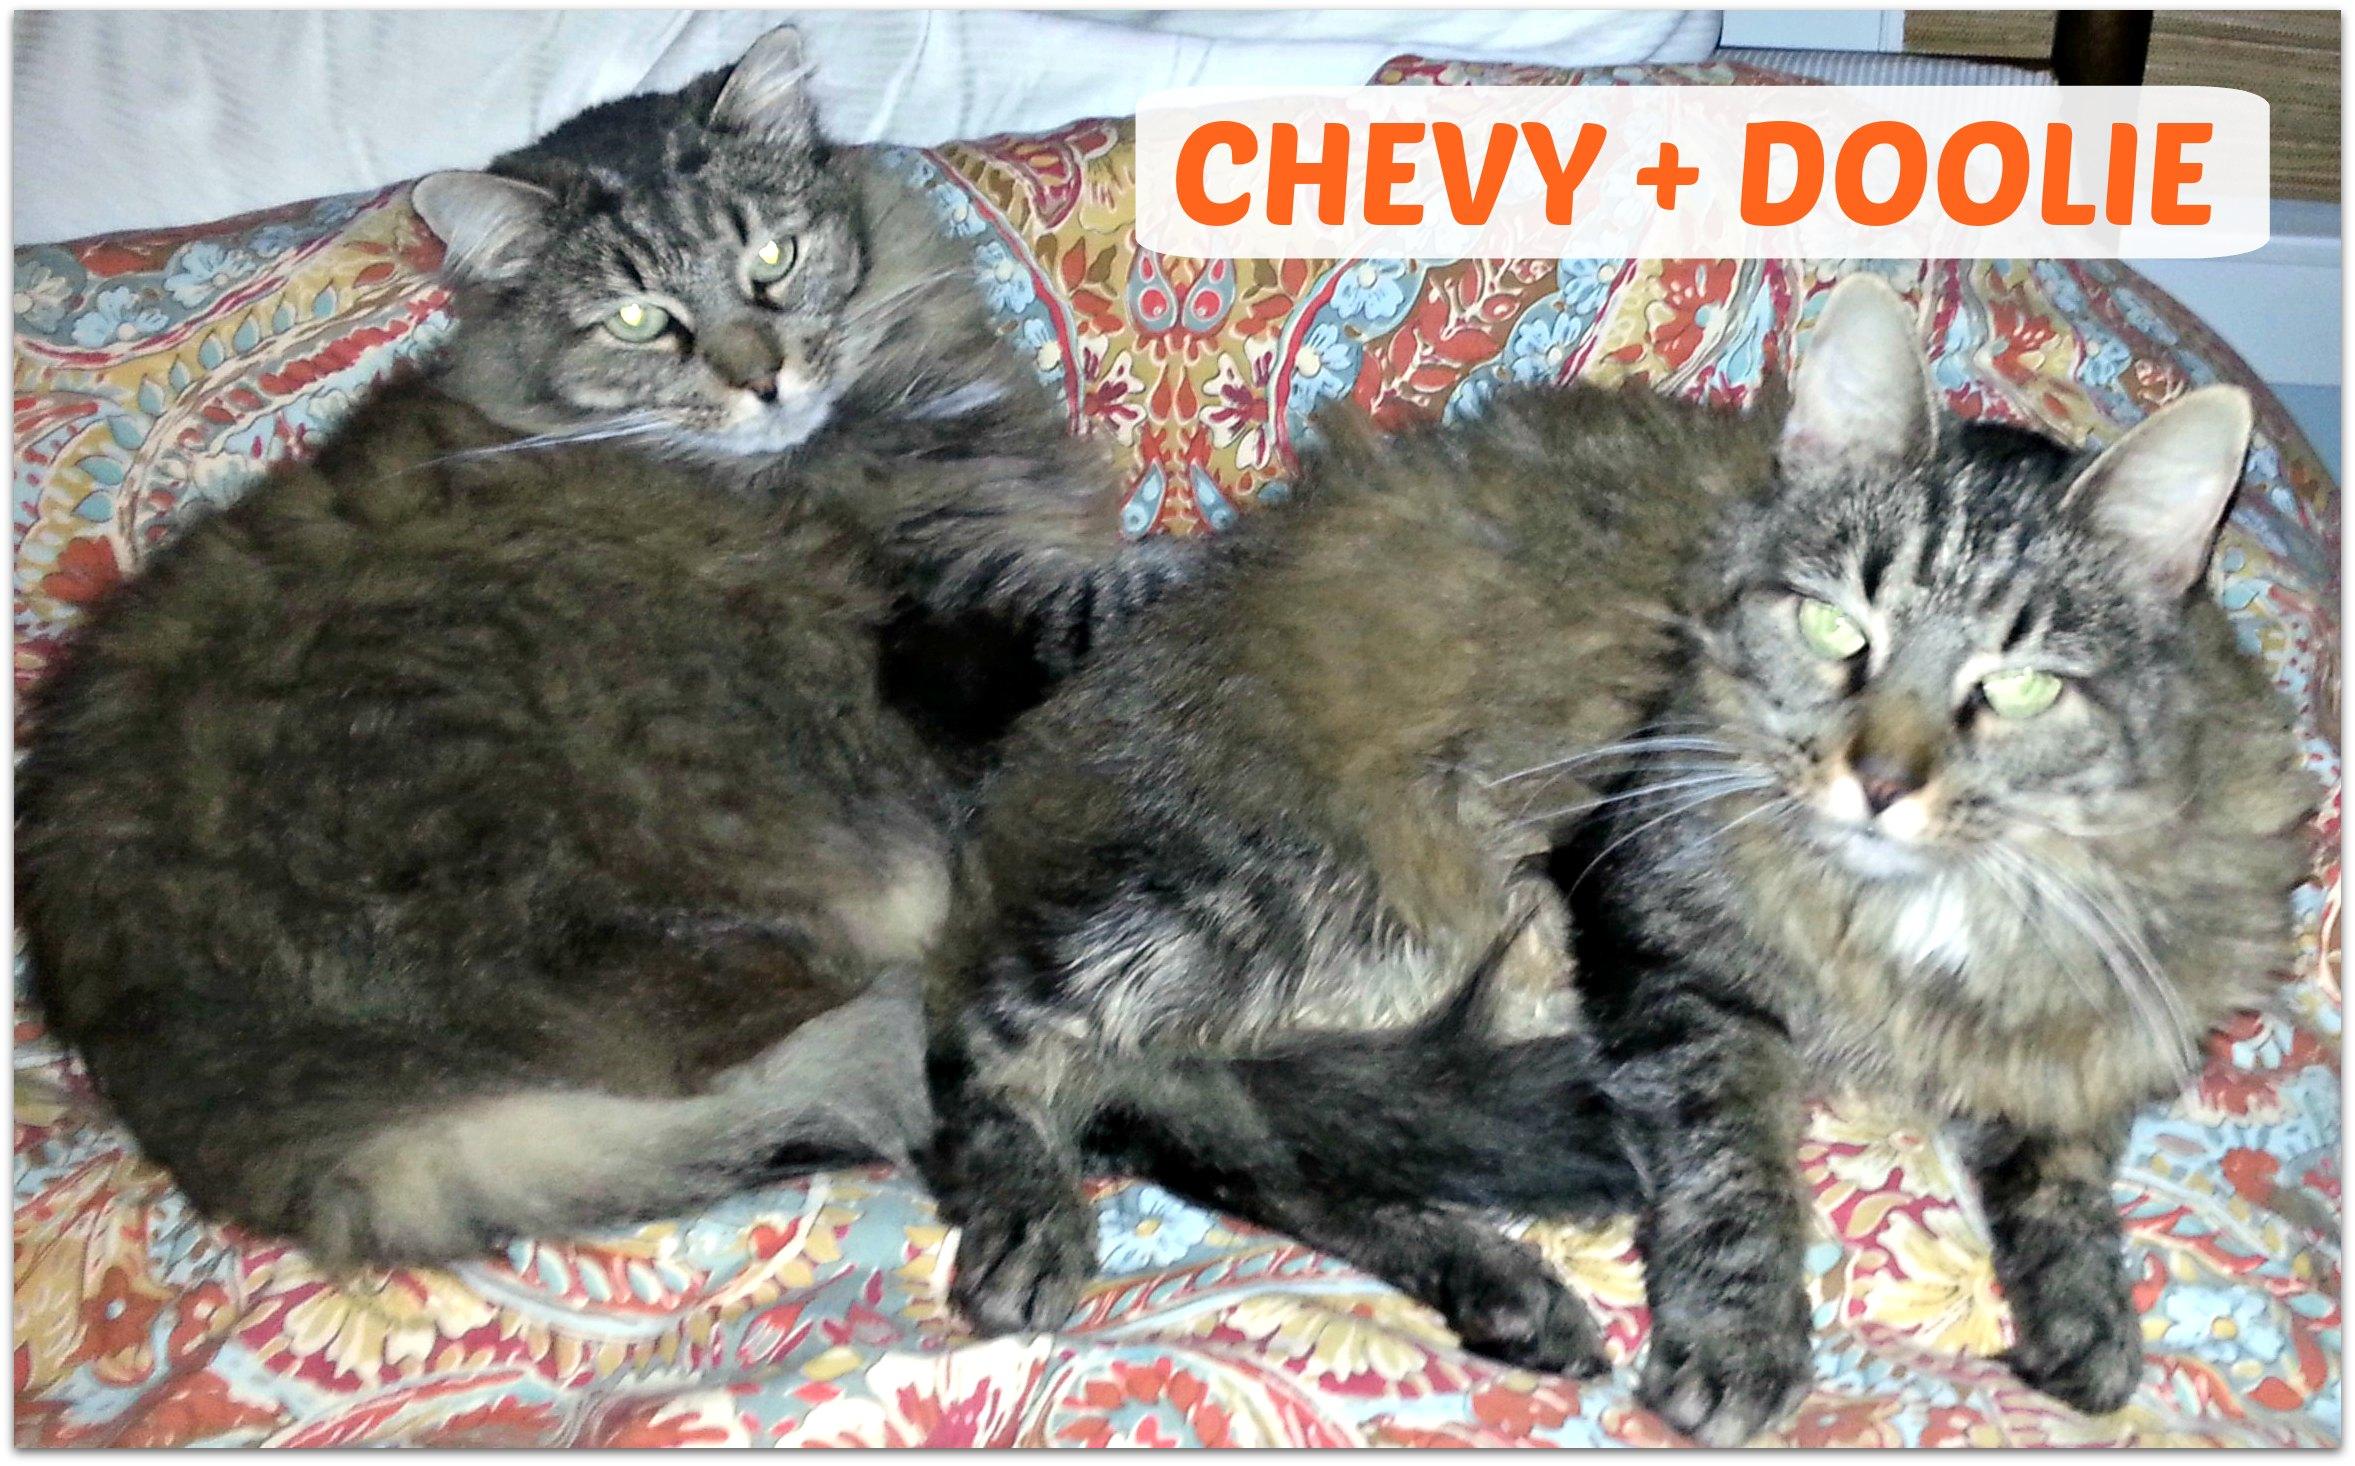 DOOLIE+CHEVY